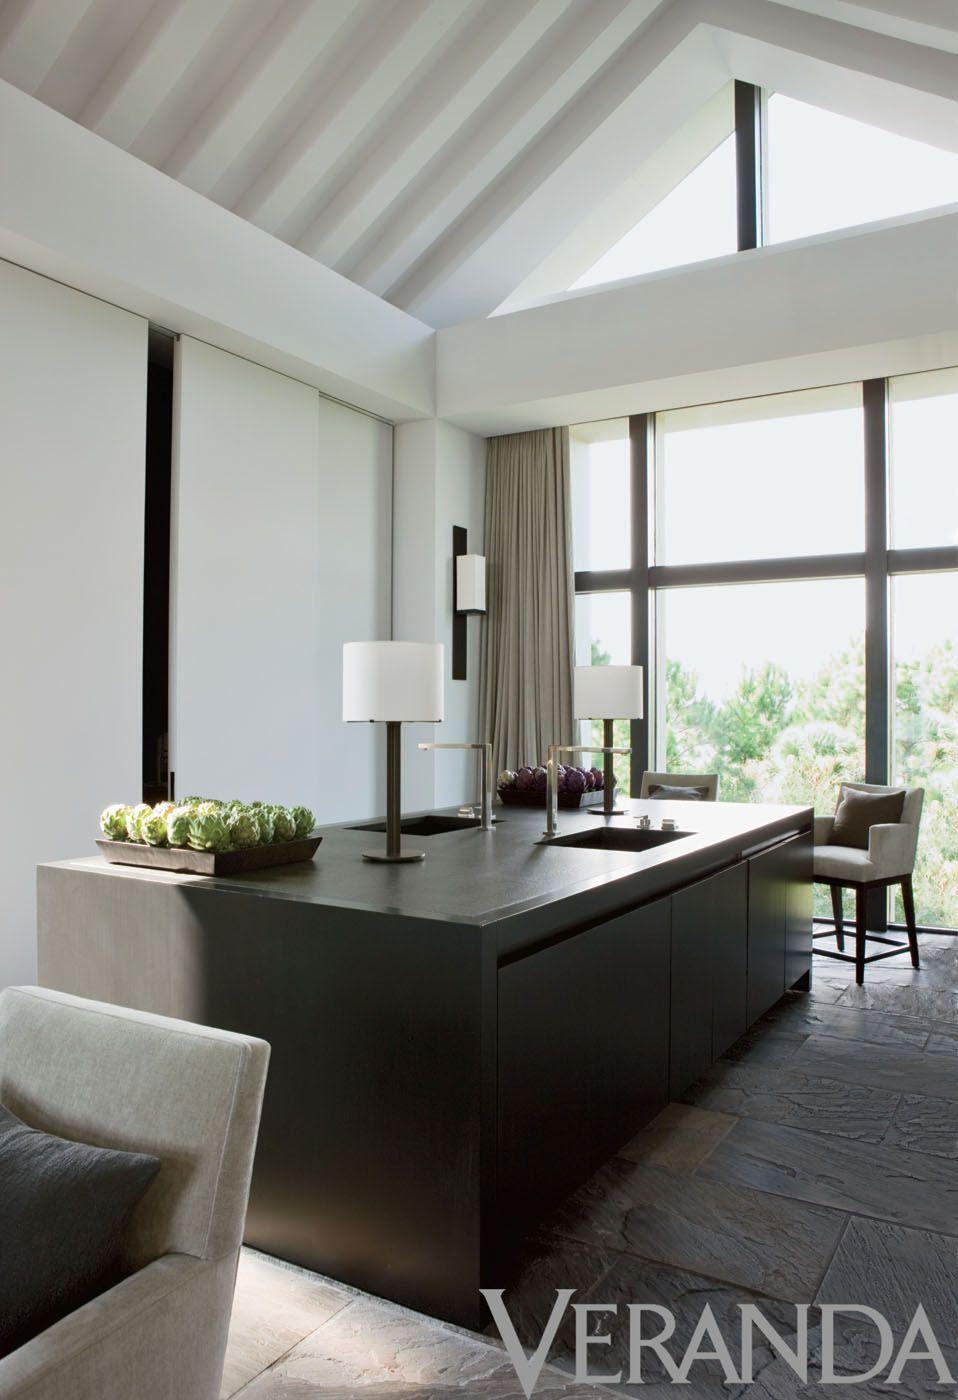 Wohnzimmer des modernen interieurs des hauses interior design by nancy braithwaite photograph by melanie acevedo